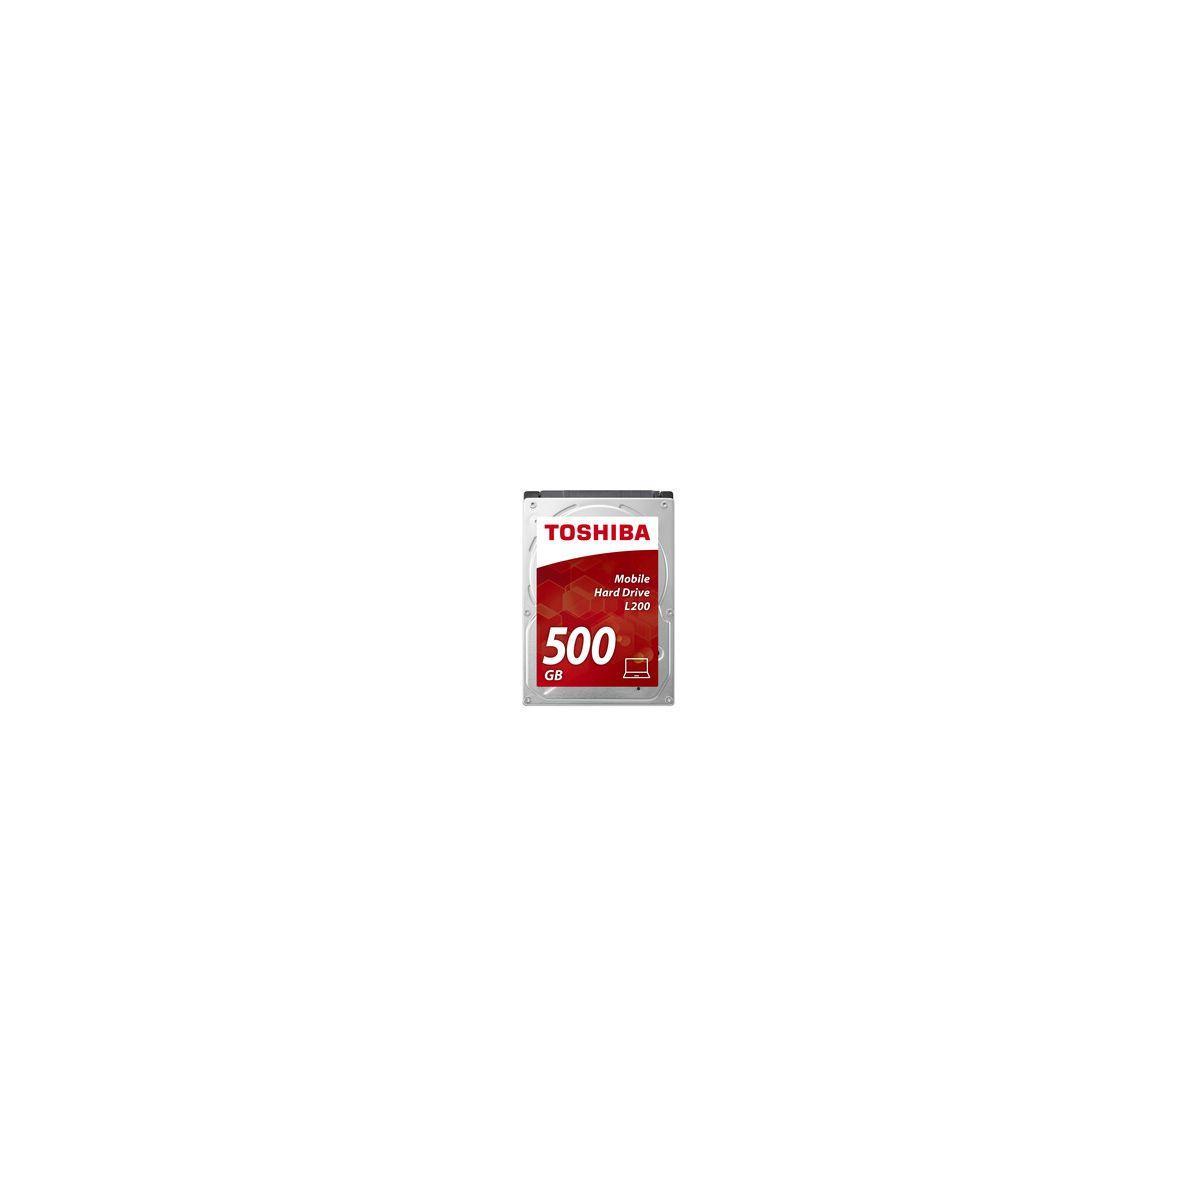 Disque dur interne toshiba 2,5 500go sata l200 - 2% de remise imm?diate avec le code : black2